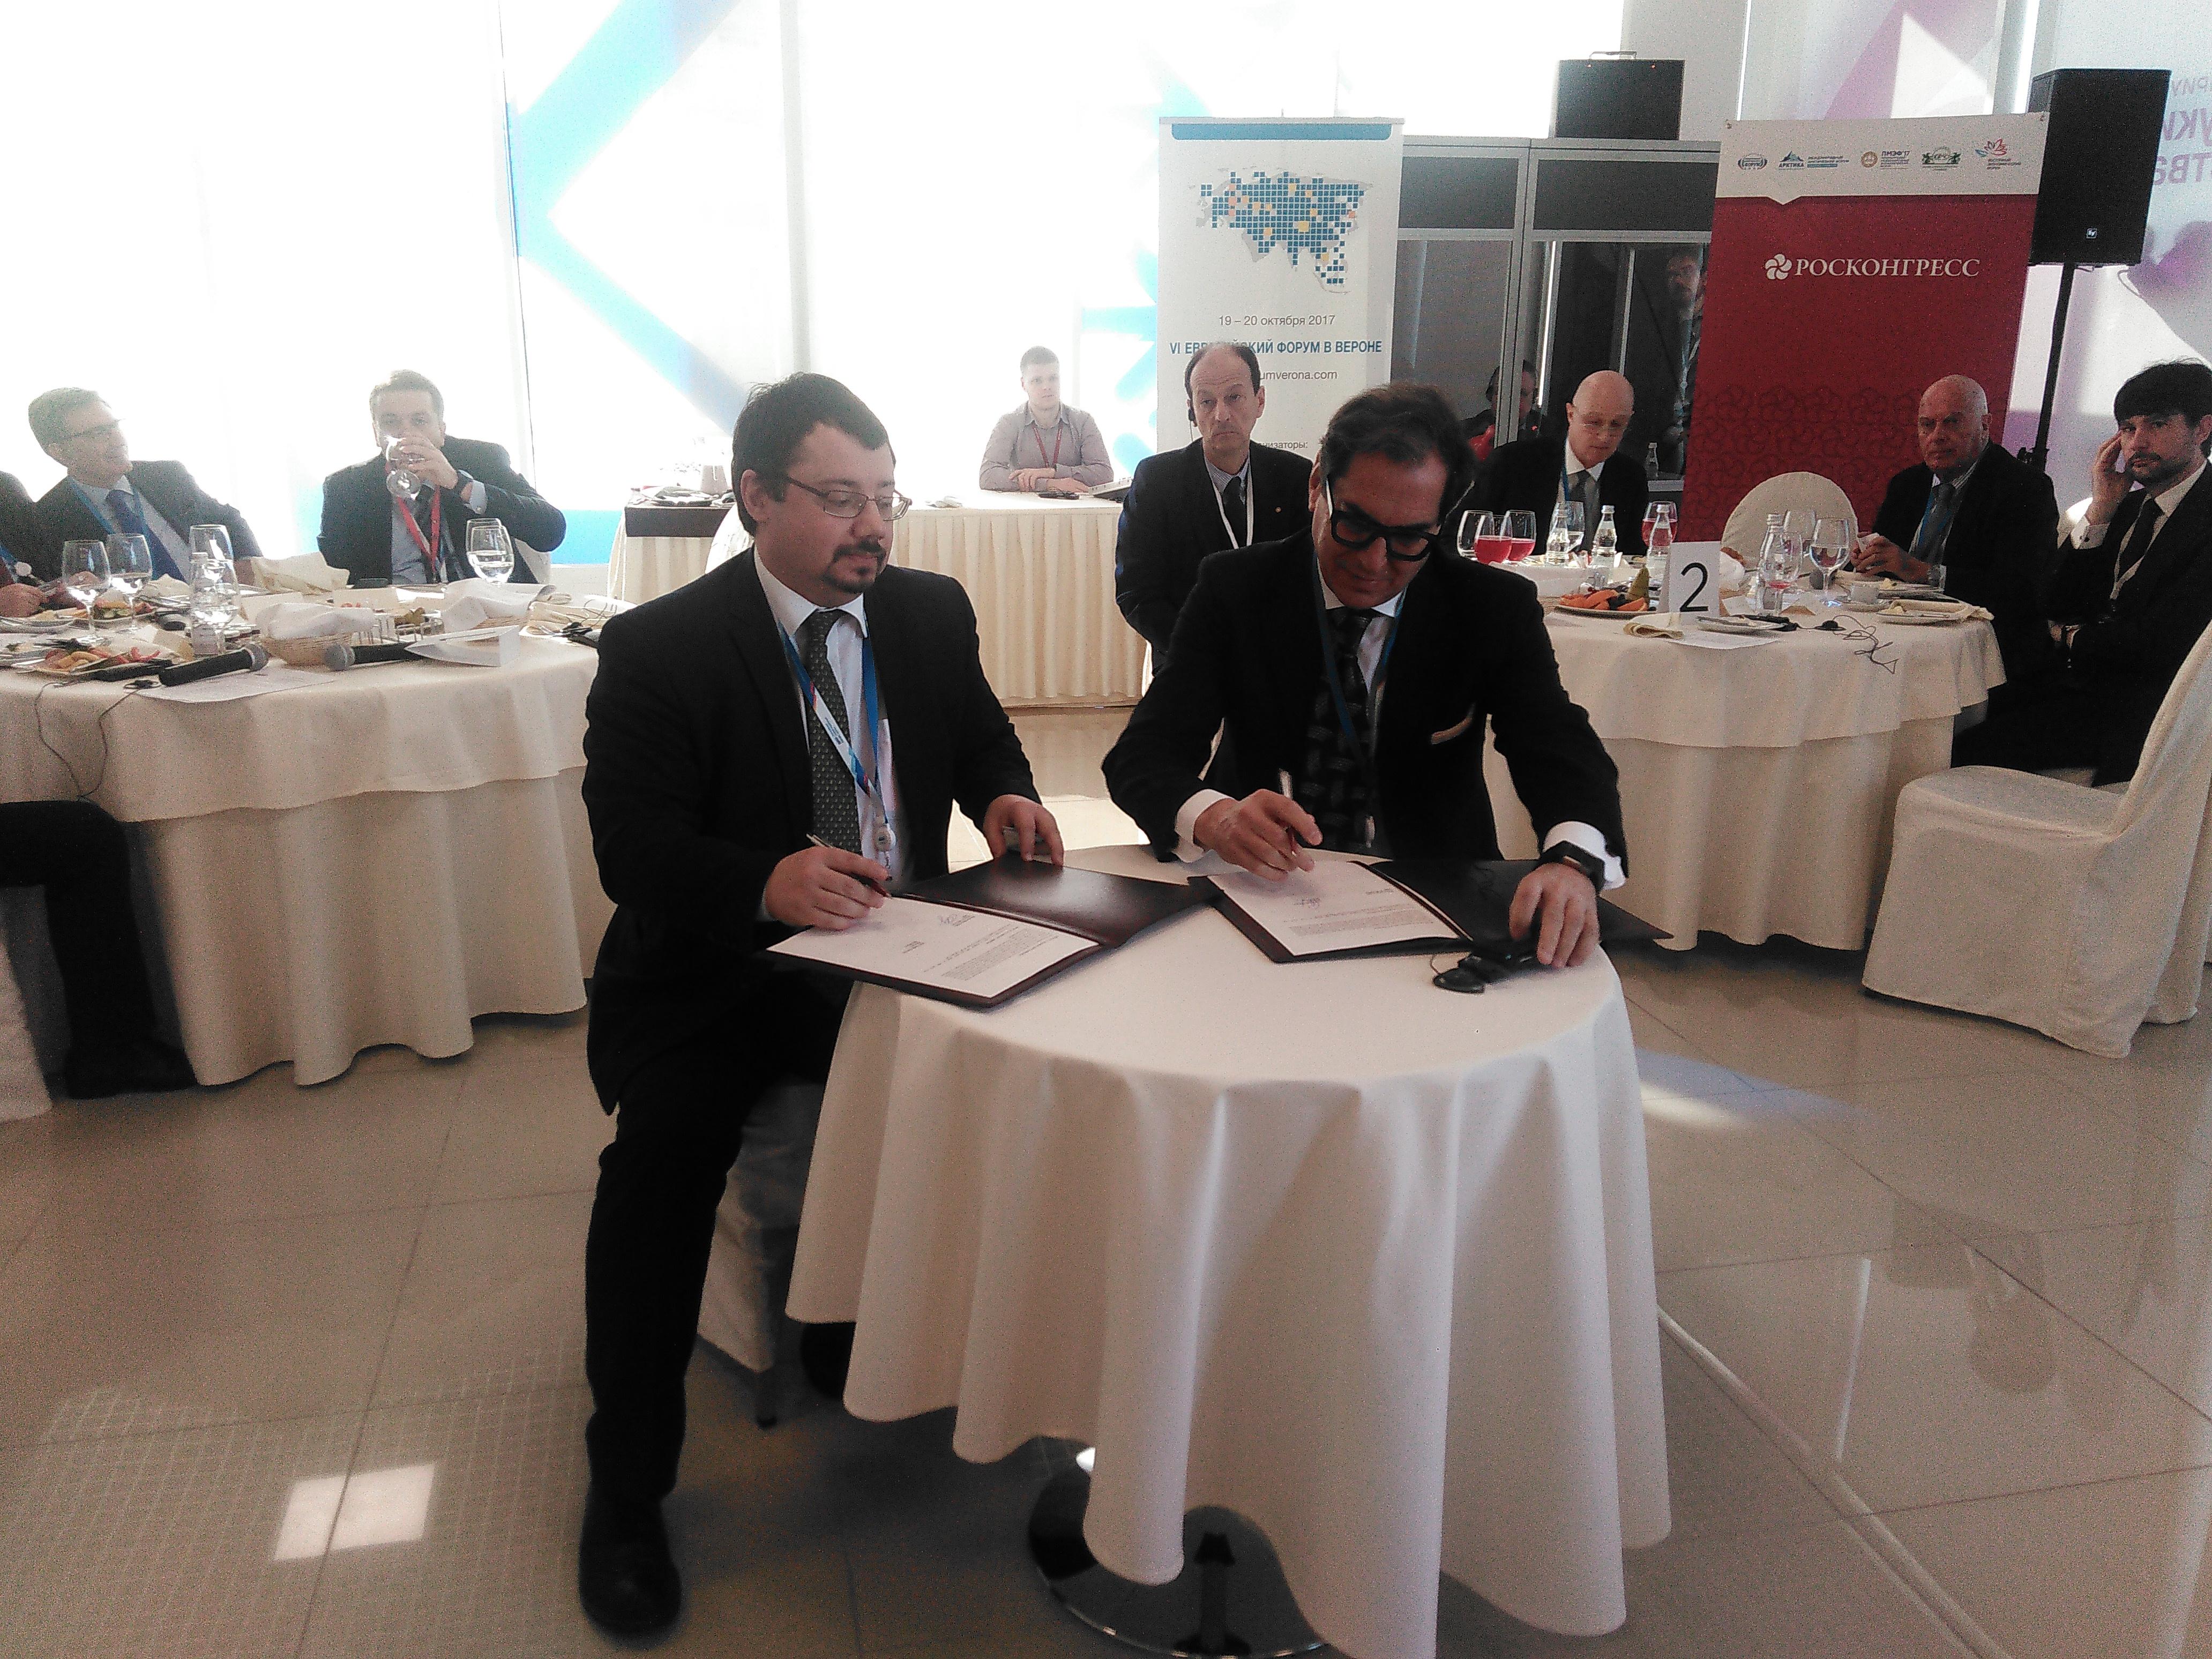 A destra, il direttore dell'Ice Pier Paolo Celeste durante la firma del memorandum al Forum economico sugli investimenti di Sochi.